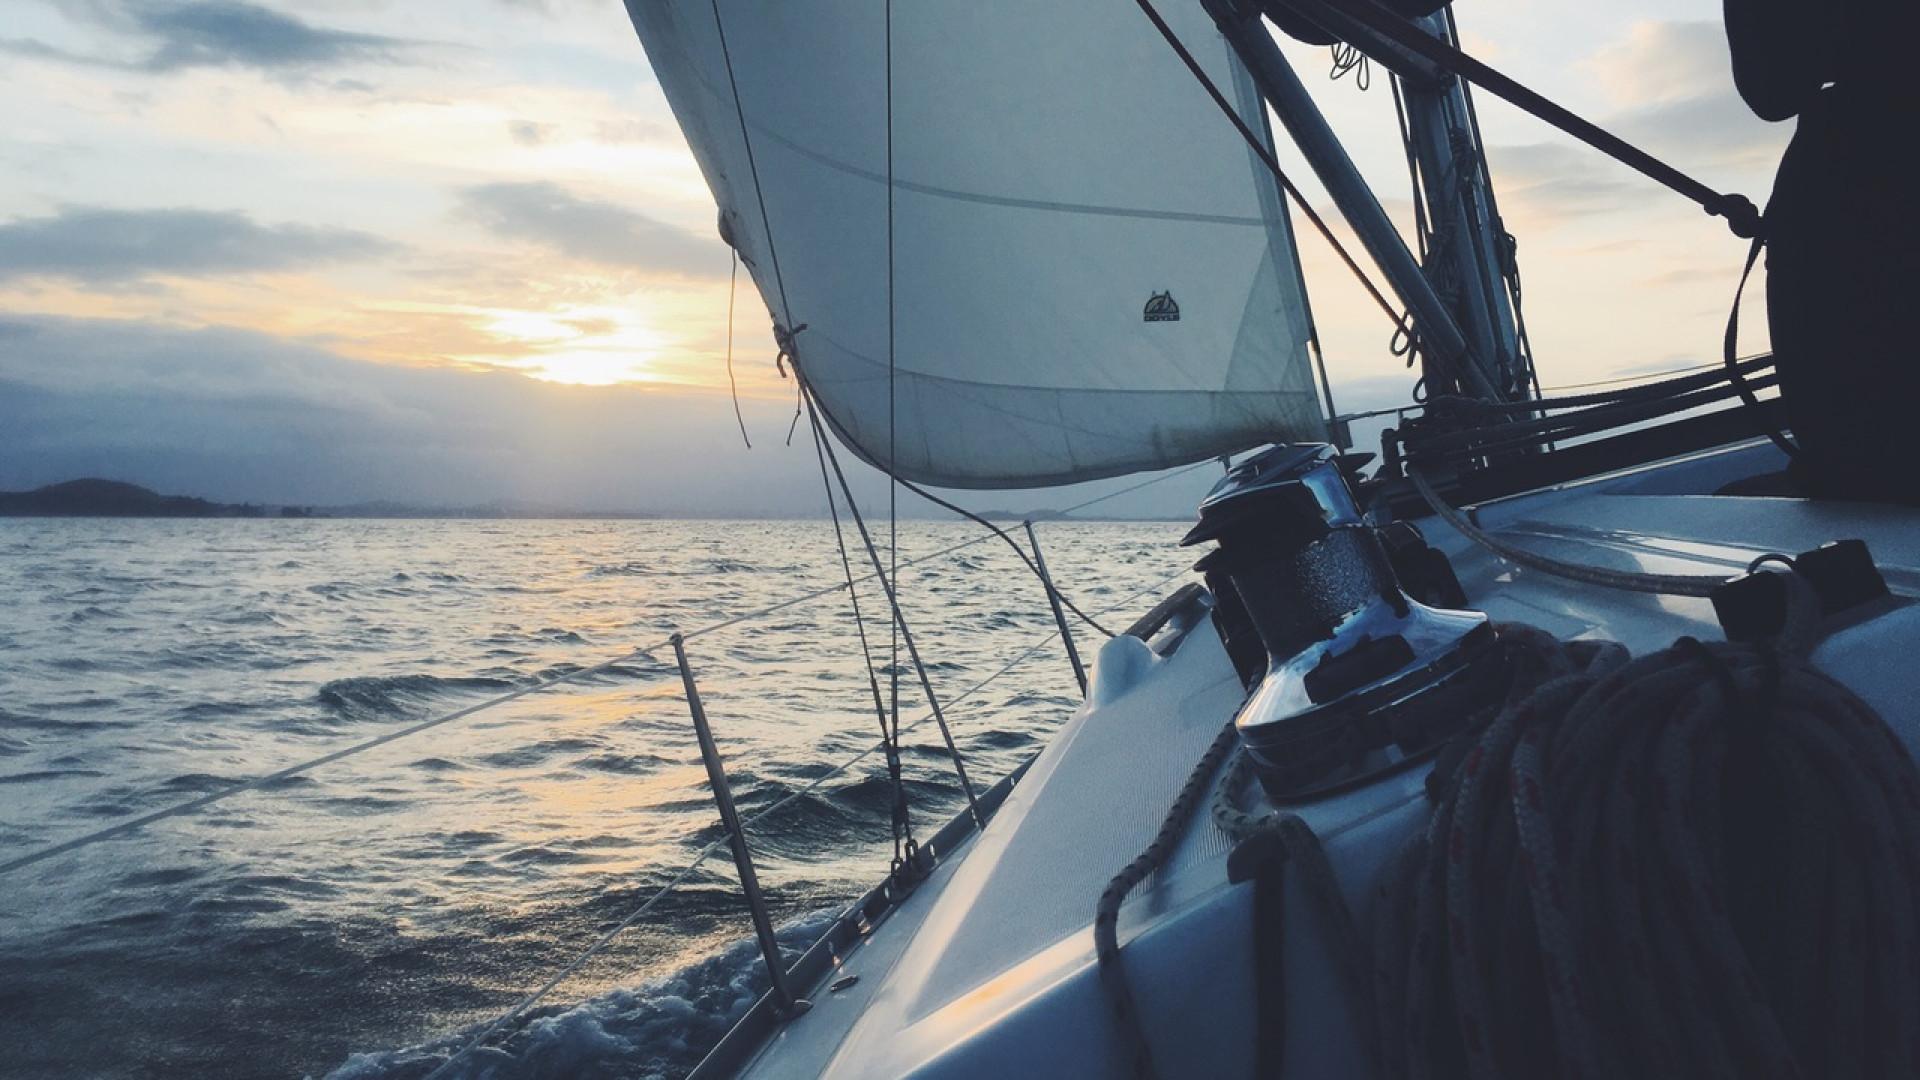 Certains sites en Australie sont accessibles uniquement via un bateau